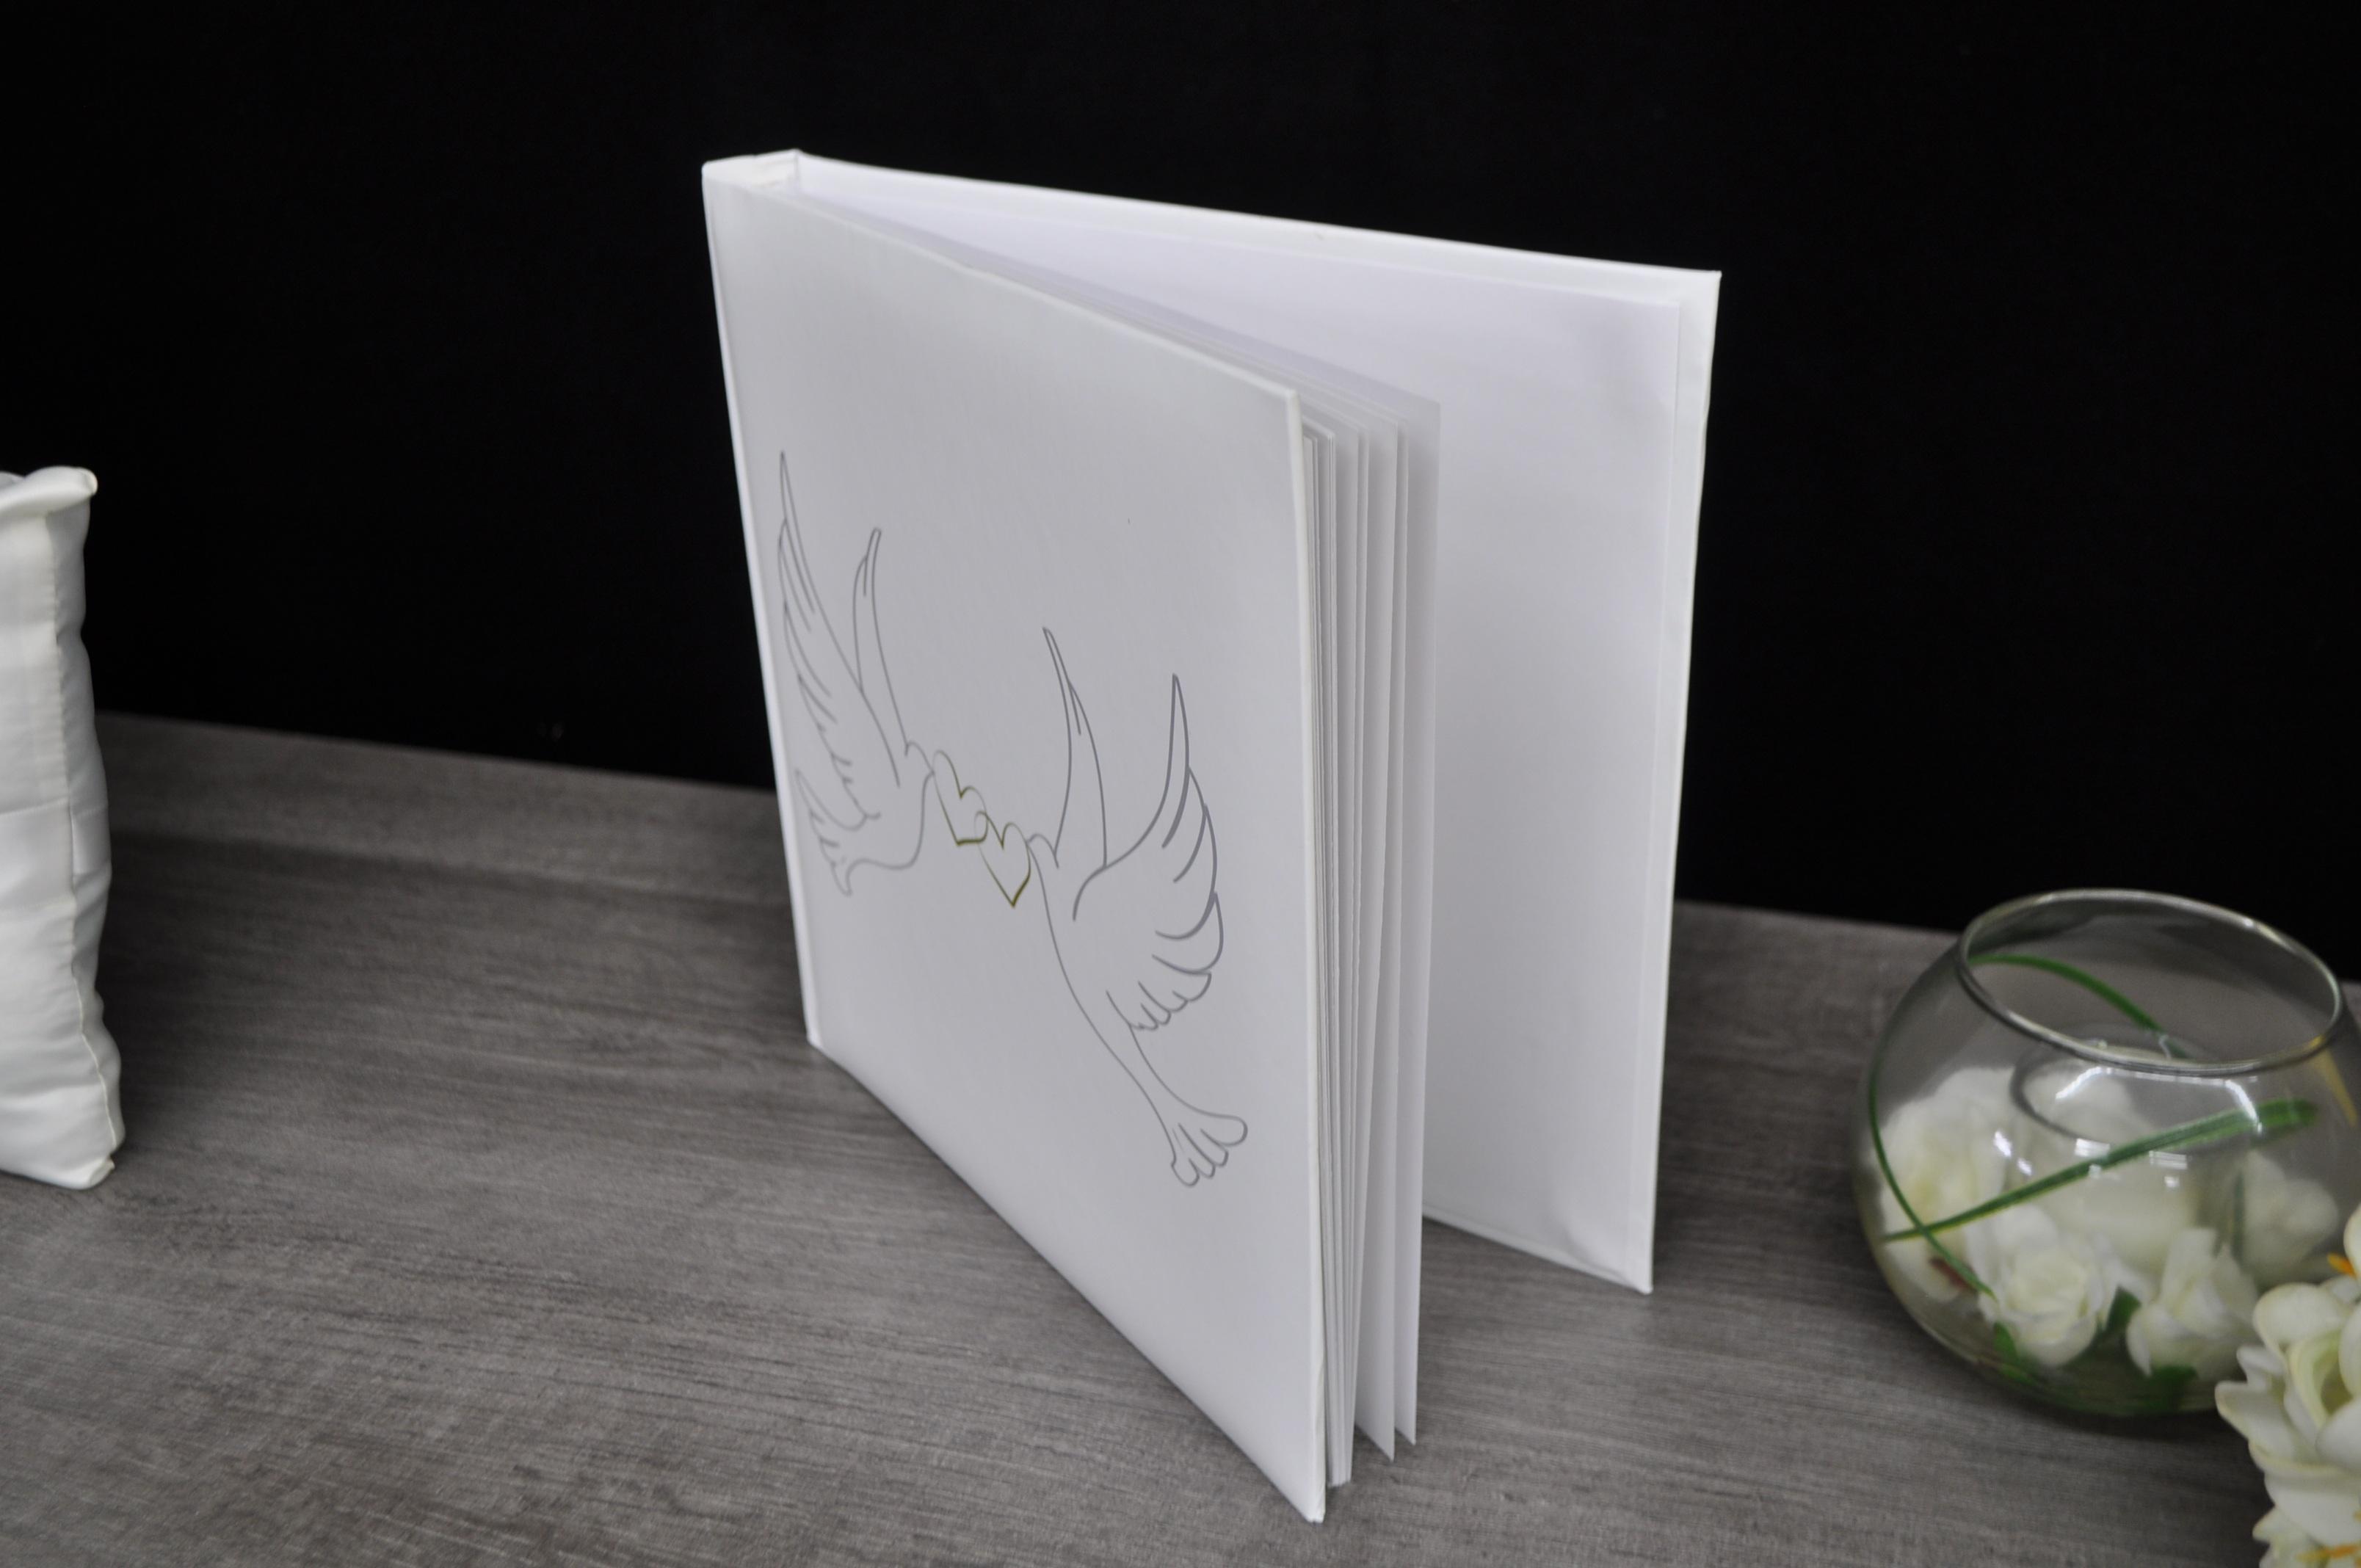 Kostenlose foto : Buch, Dekoration, Keramik, Beleuchtung, Hochzeit ...